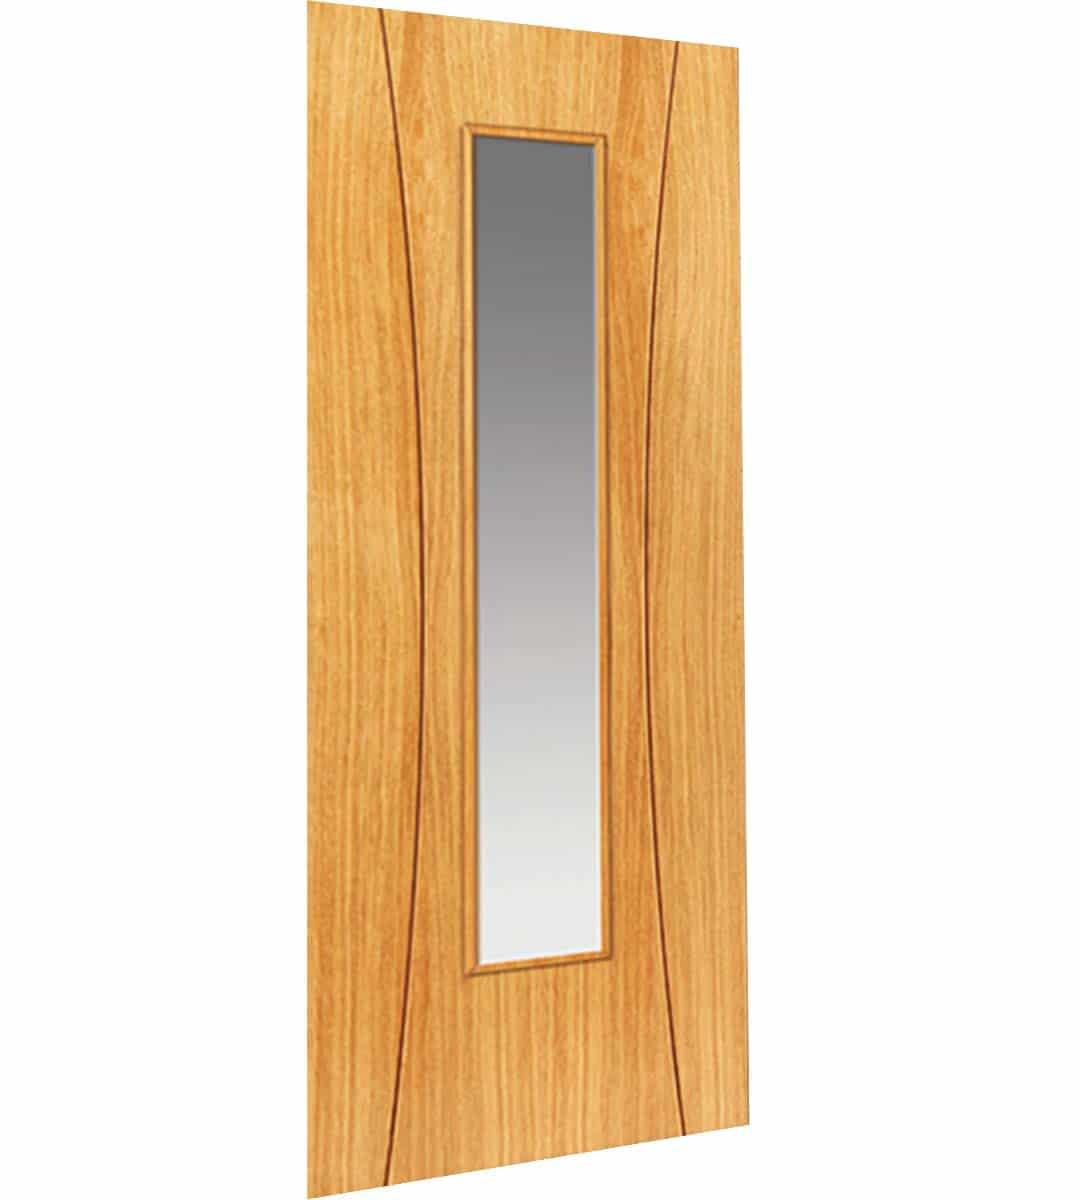 arcos glass interior door